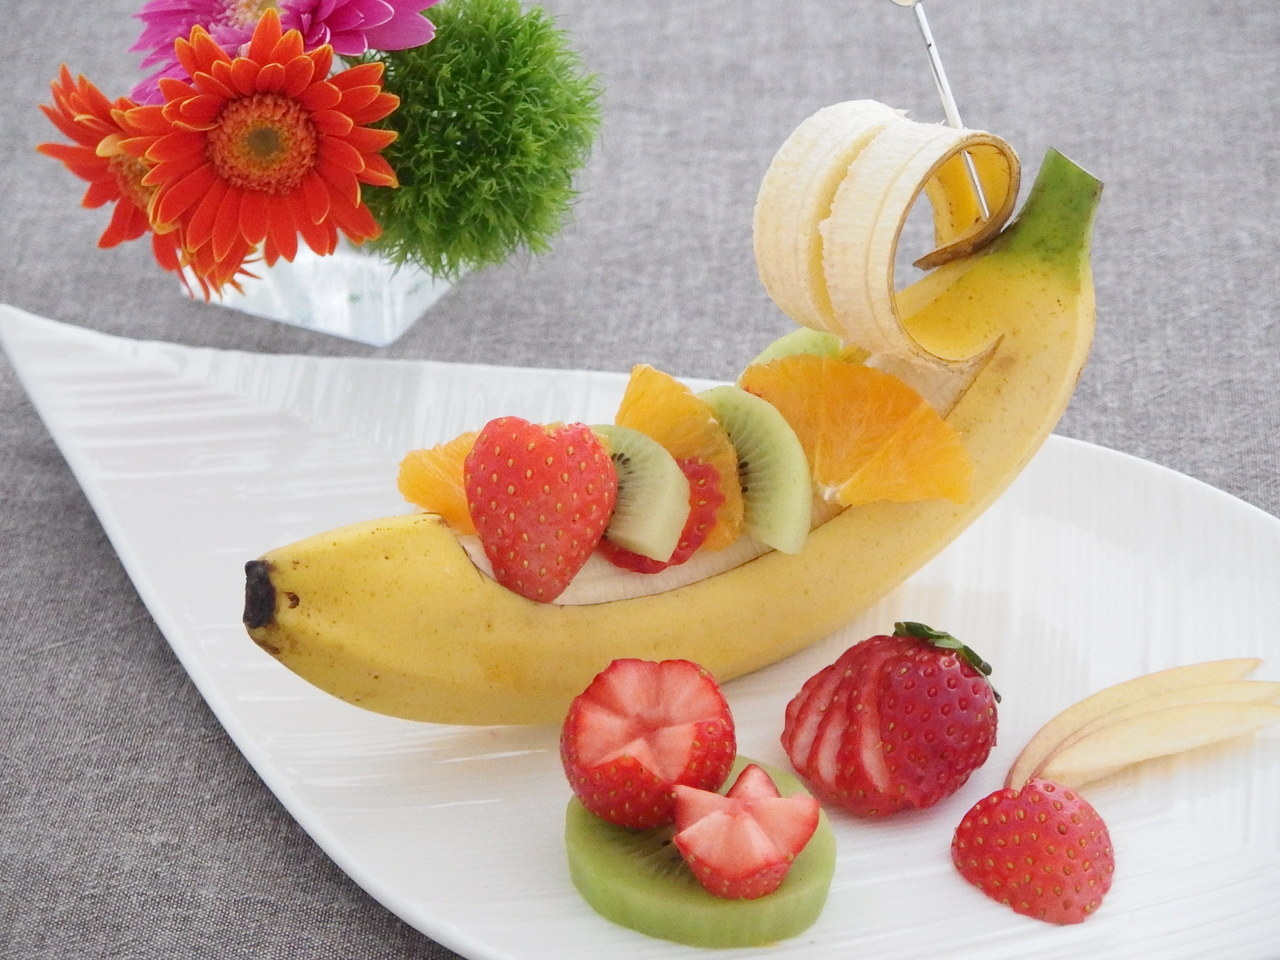 暮らしに役立つフルーツの切り方 苺とバナナ